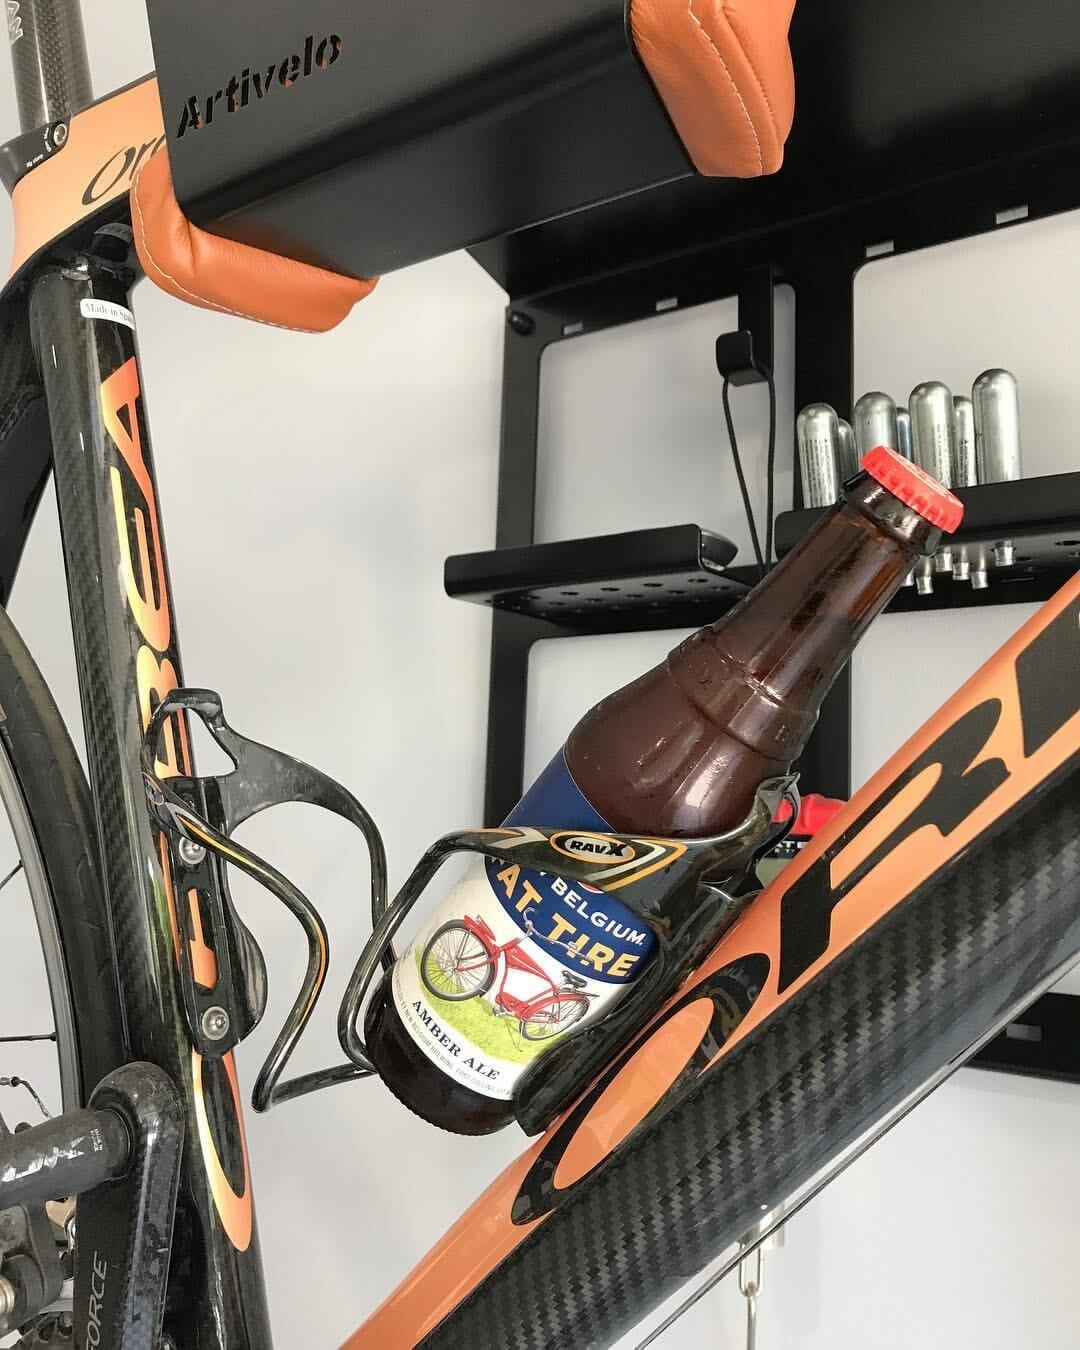 Je fiets ophangen als decoratie